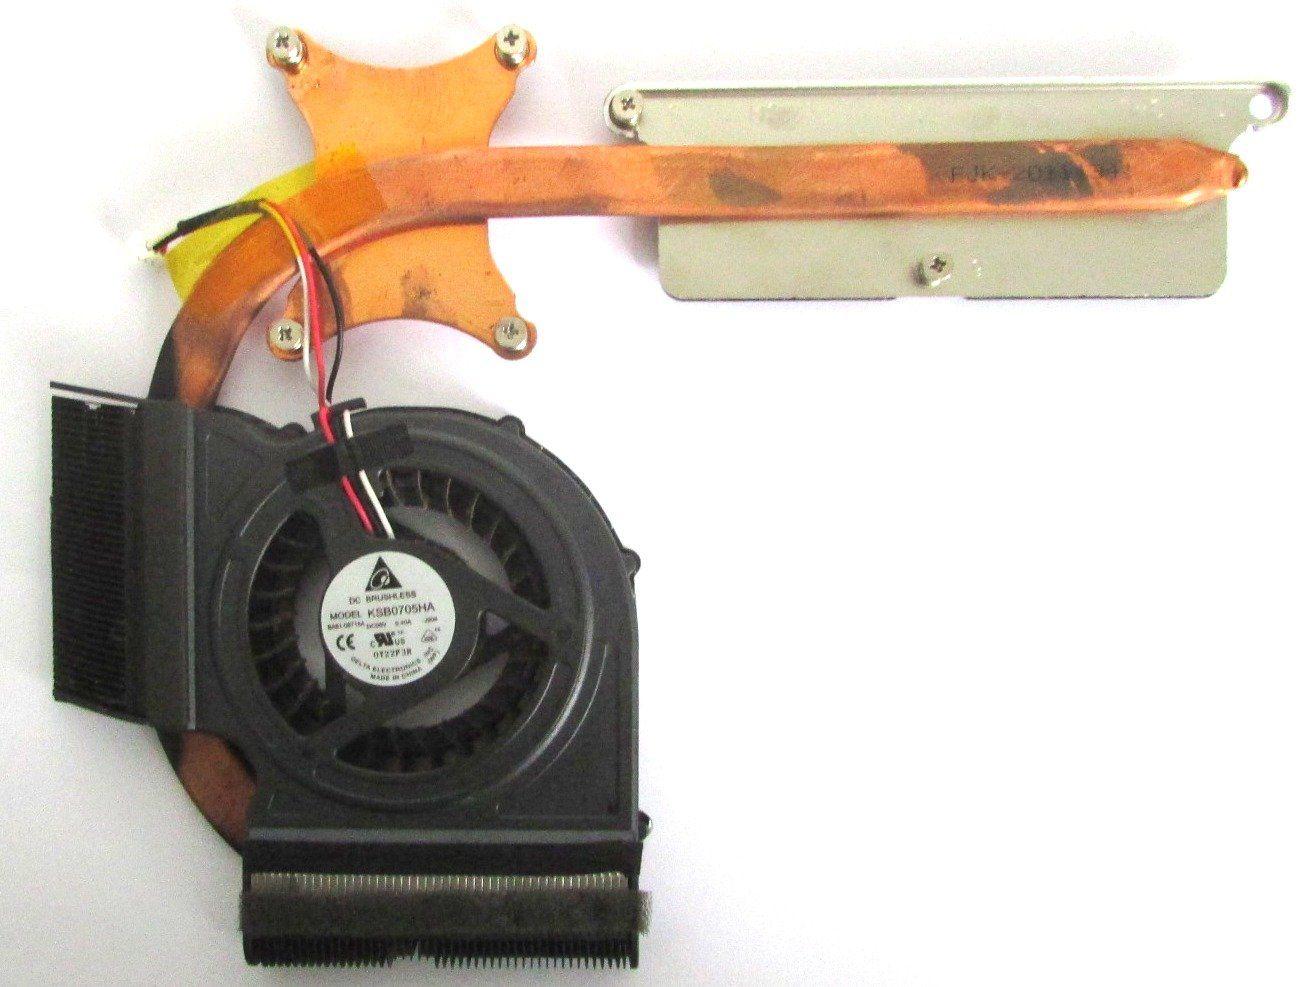 Cooler + Dissipador P/ Samsung  Ba62-00510a 0m102708 (semi novo)